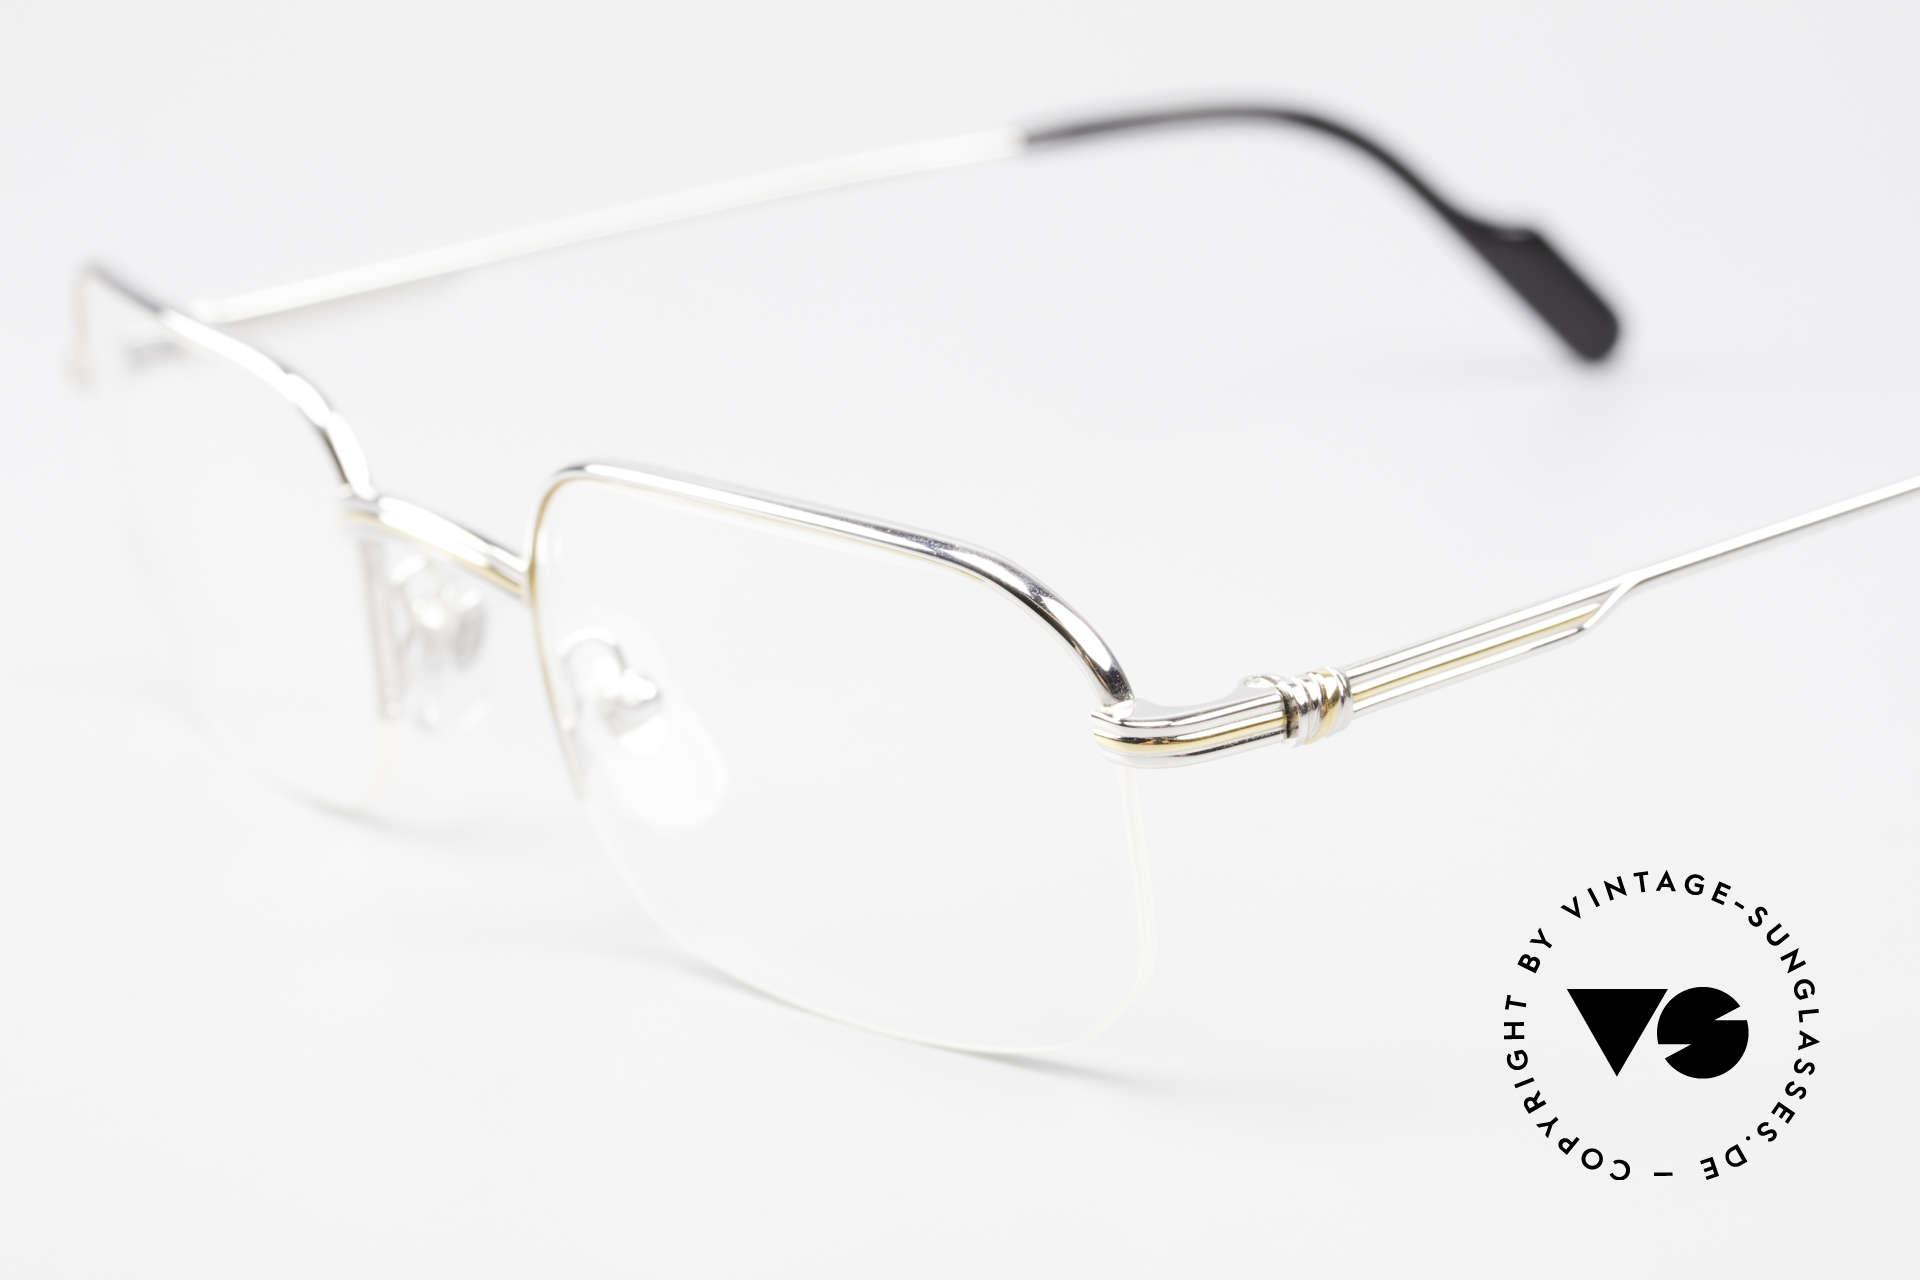 Cartier Broadway Halb Randlose Brille Platin, ungetragene Luxusbrille mit orig. Box und Booklets, Passend für Herren